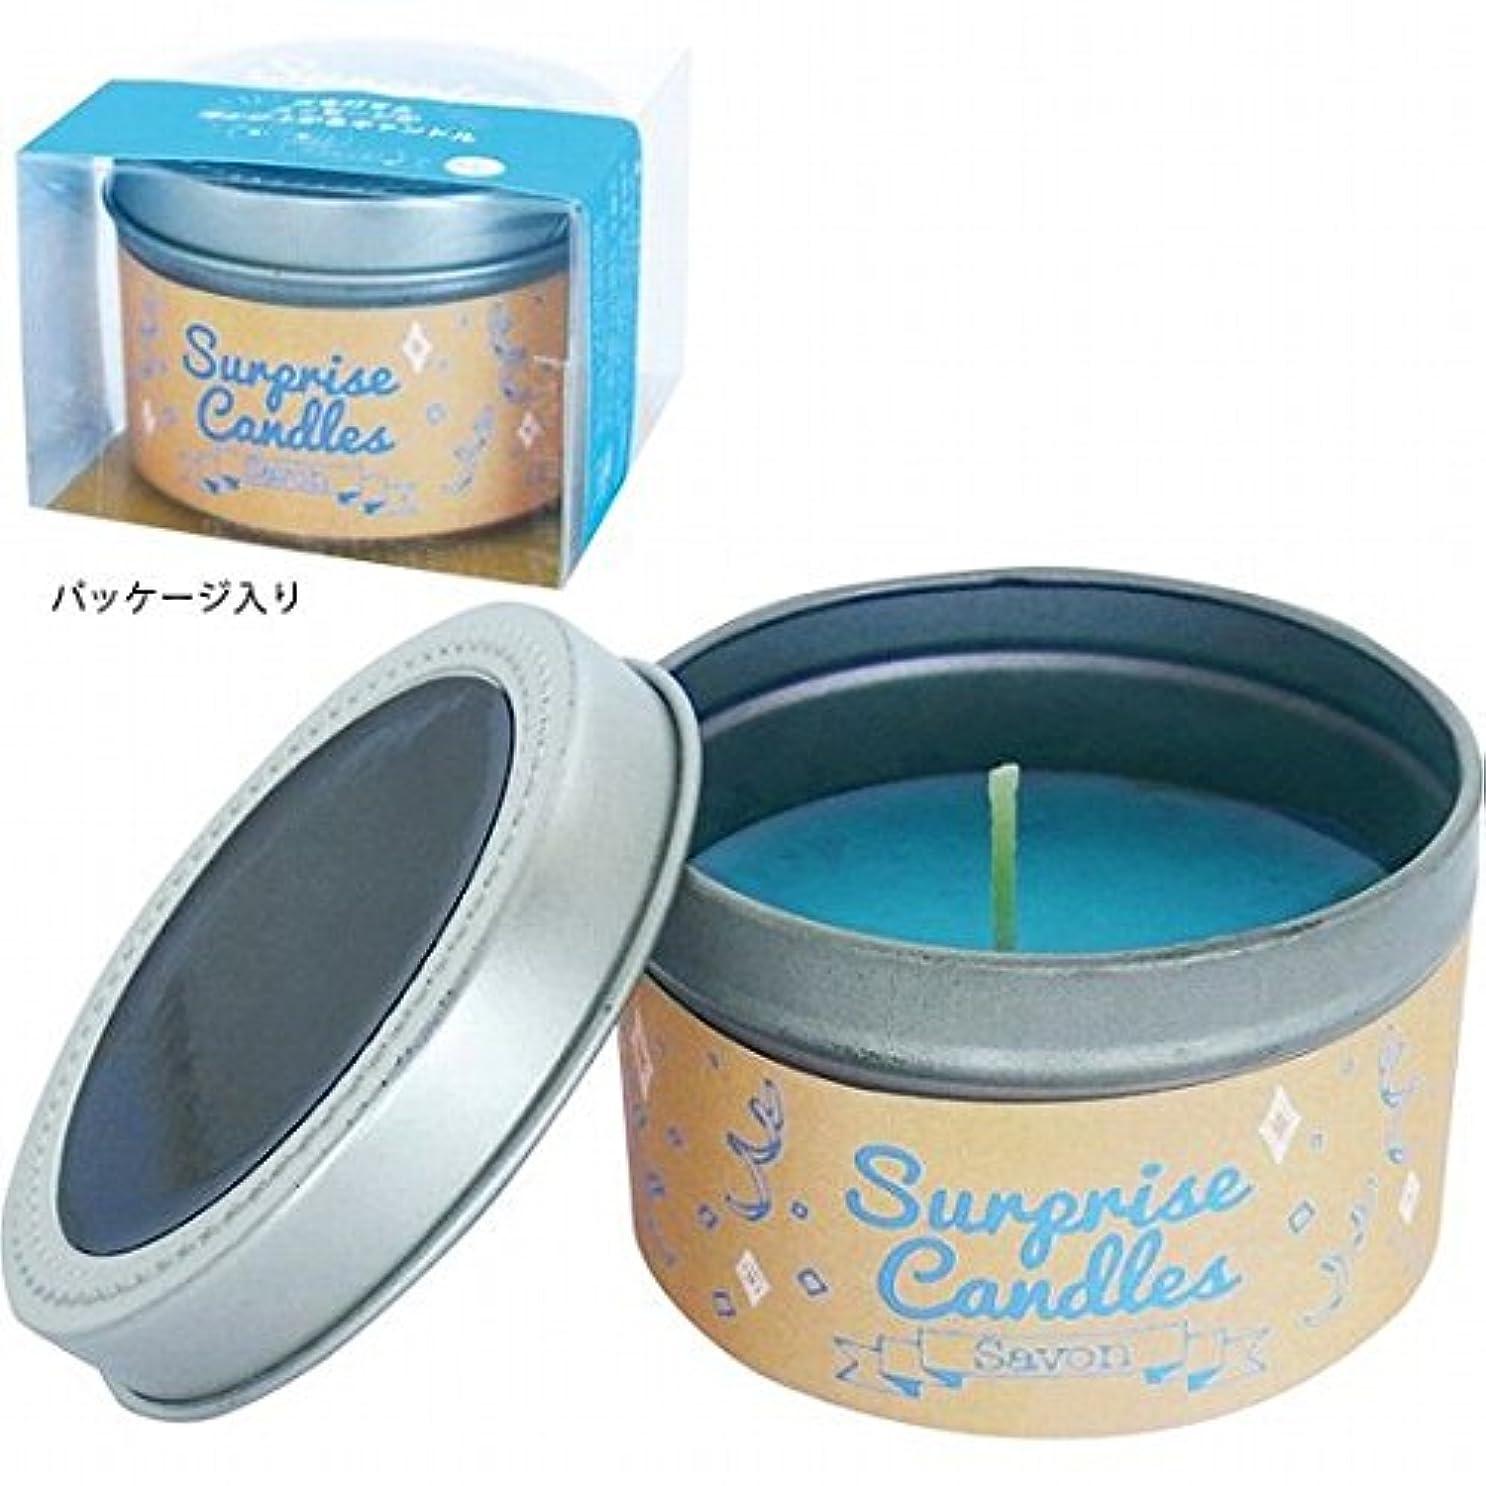 イブ予防接種スリラーkameyama candle(カメヤマキャンドル) サプライズキャンドル 「サボン」(A207005030)